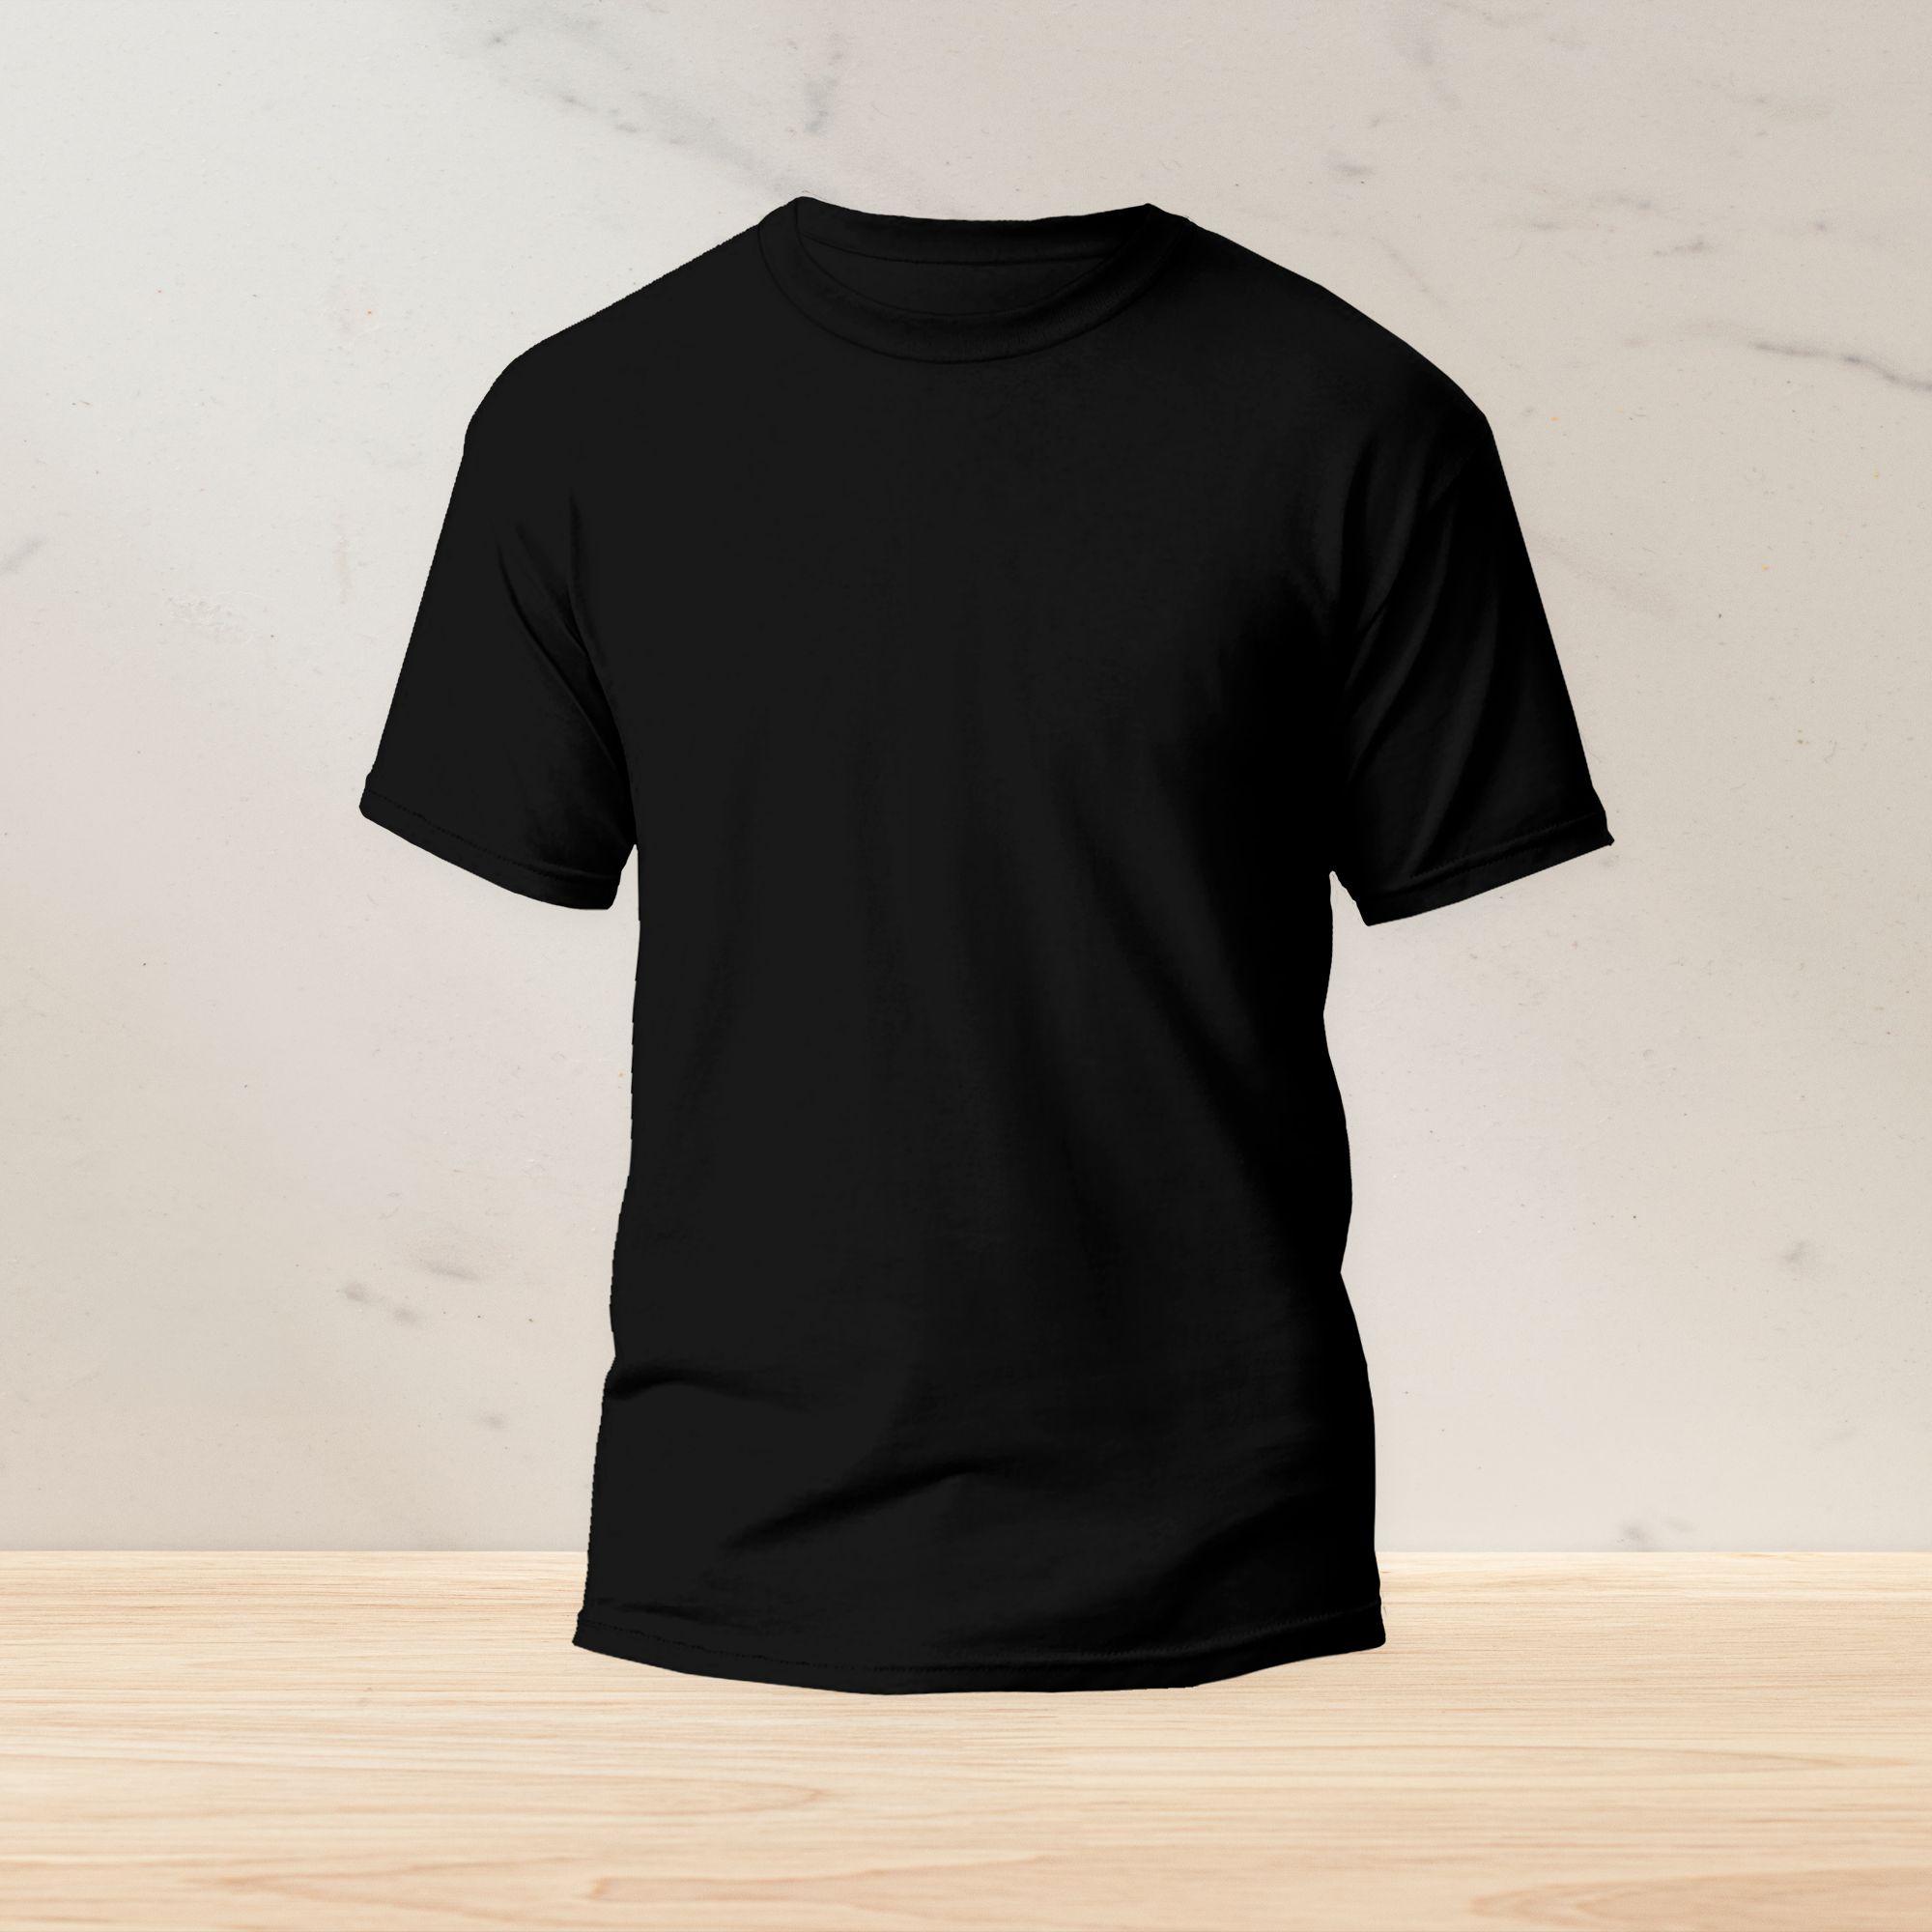 Plain Black Summer half sleeves T-Shirt for  Men Basic O-Neck Short Sleeves T Shirt